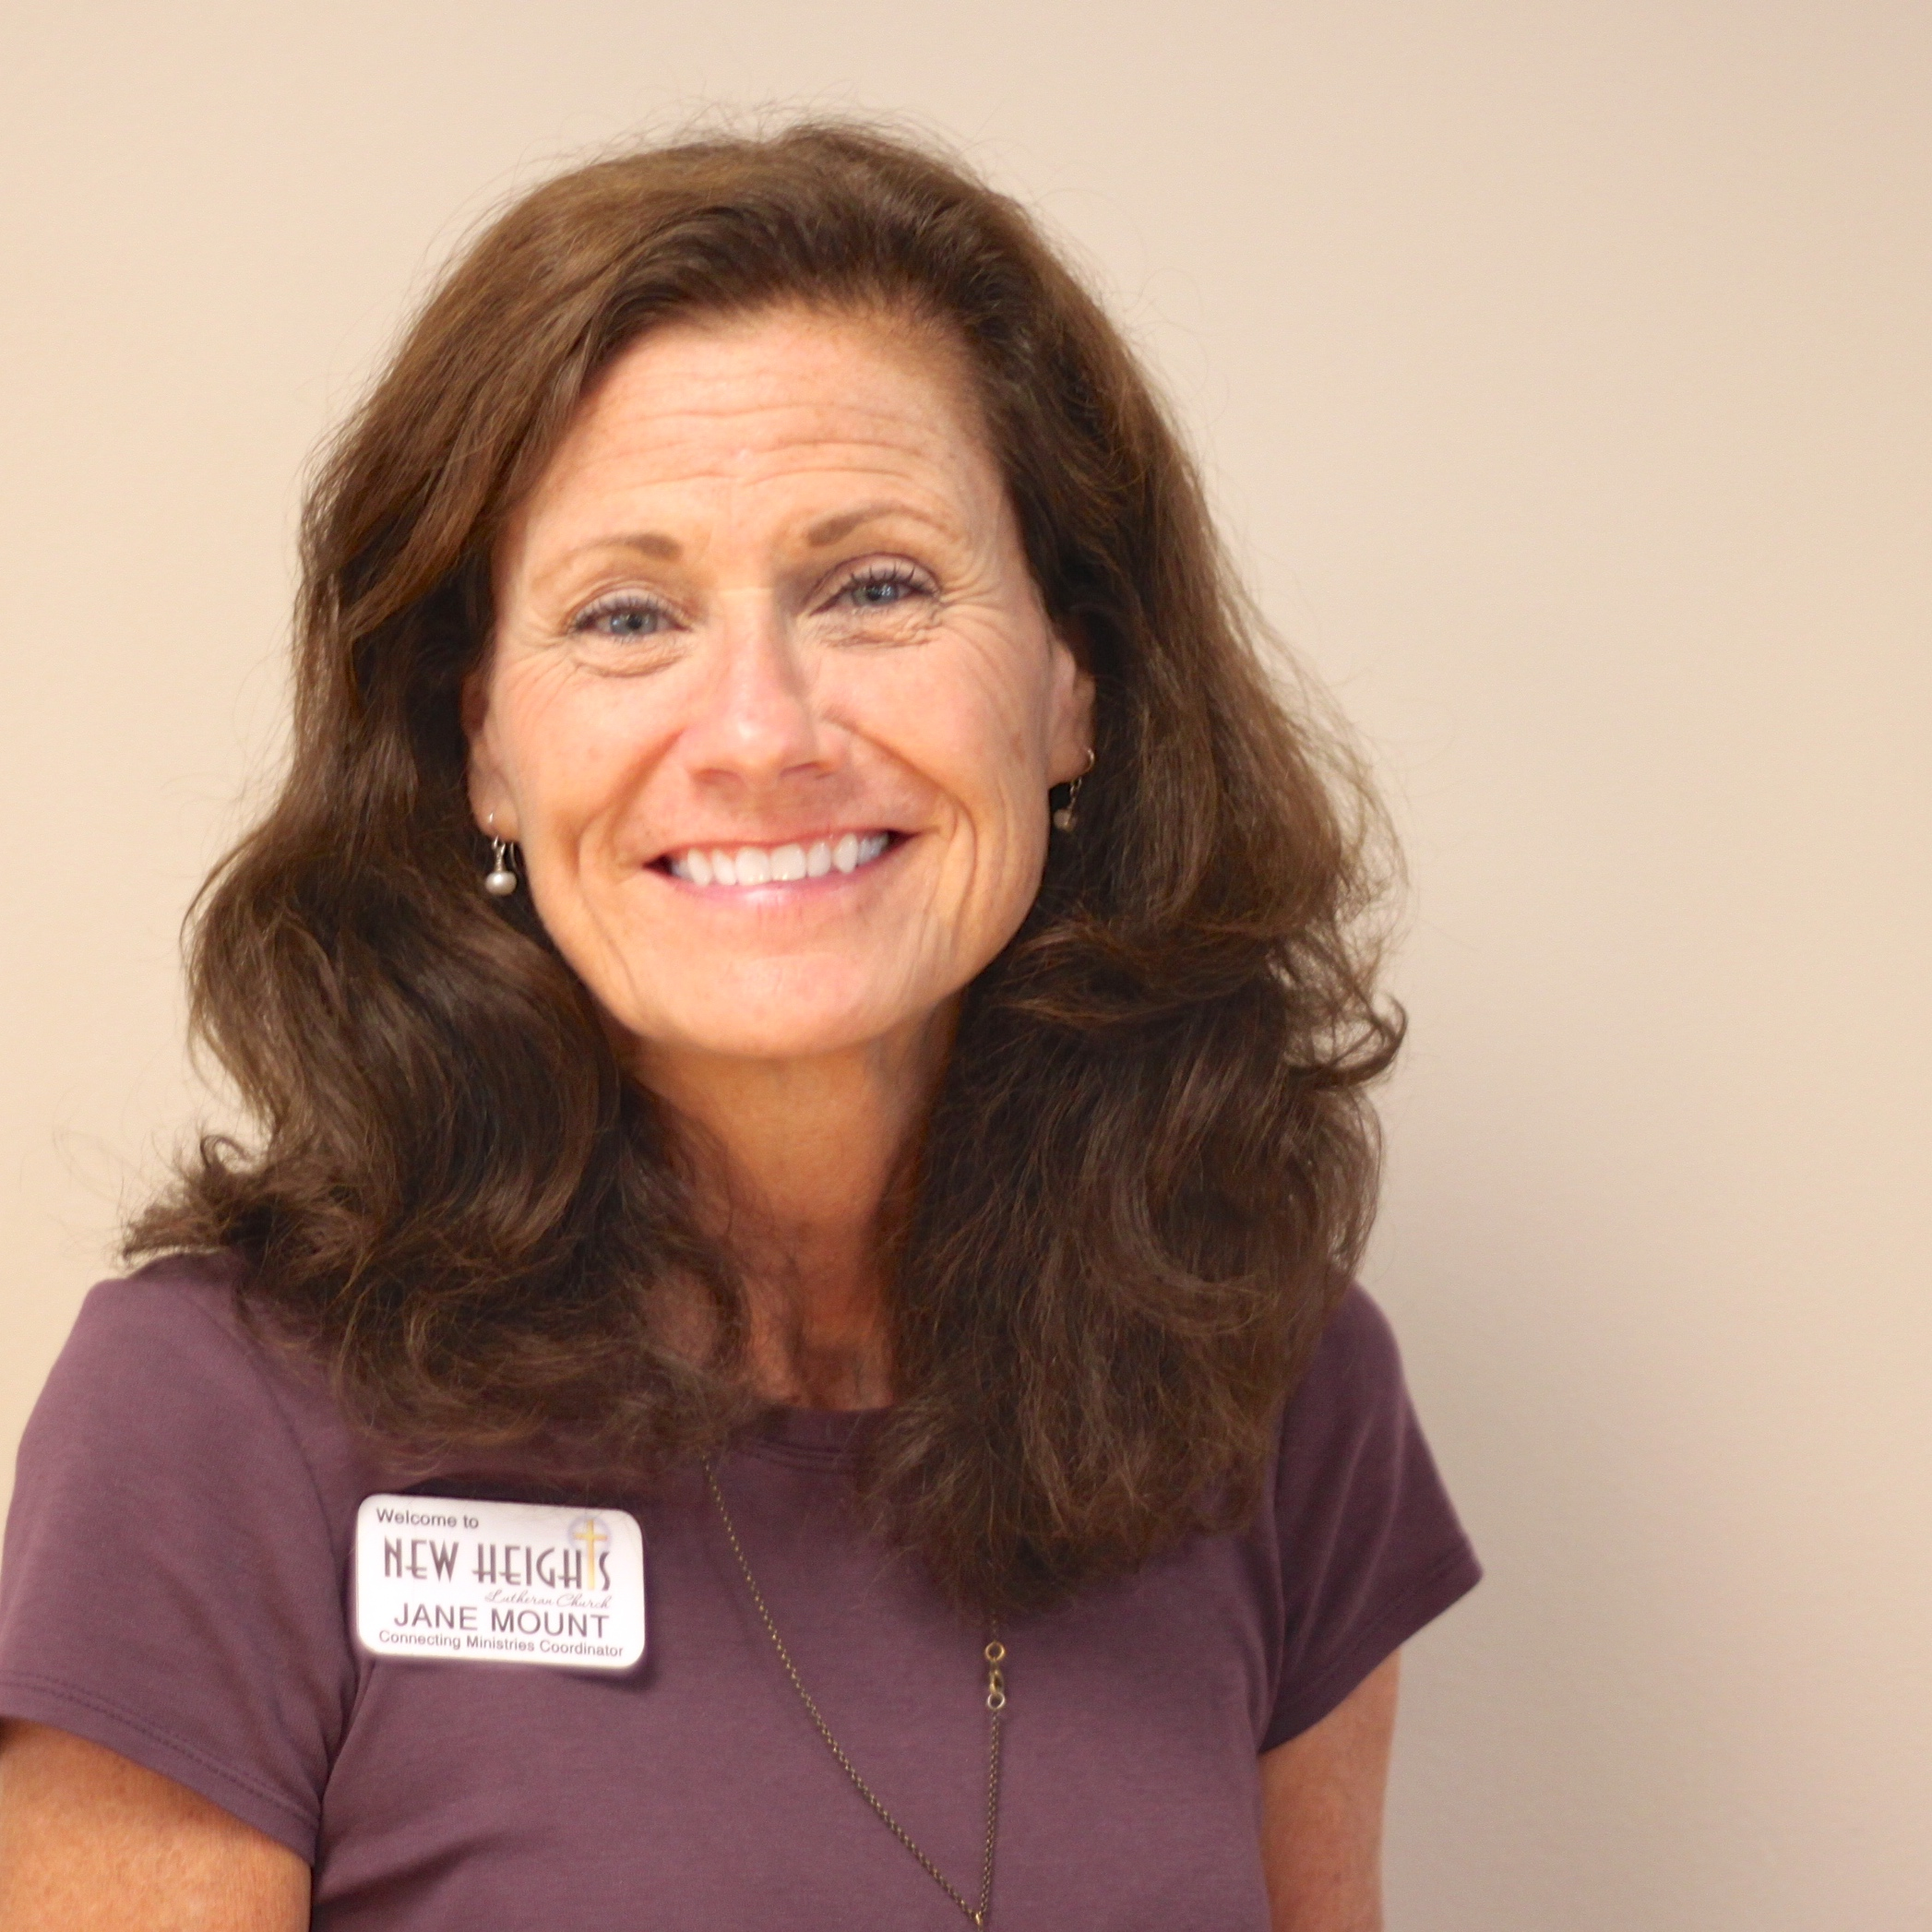 Jane Mount / Staff Leadership